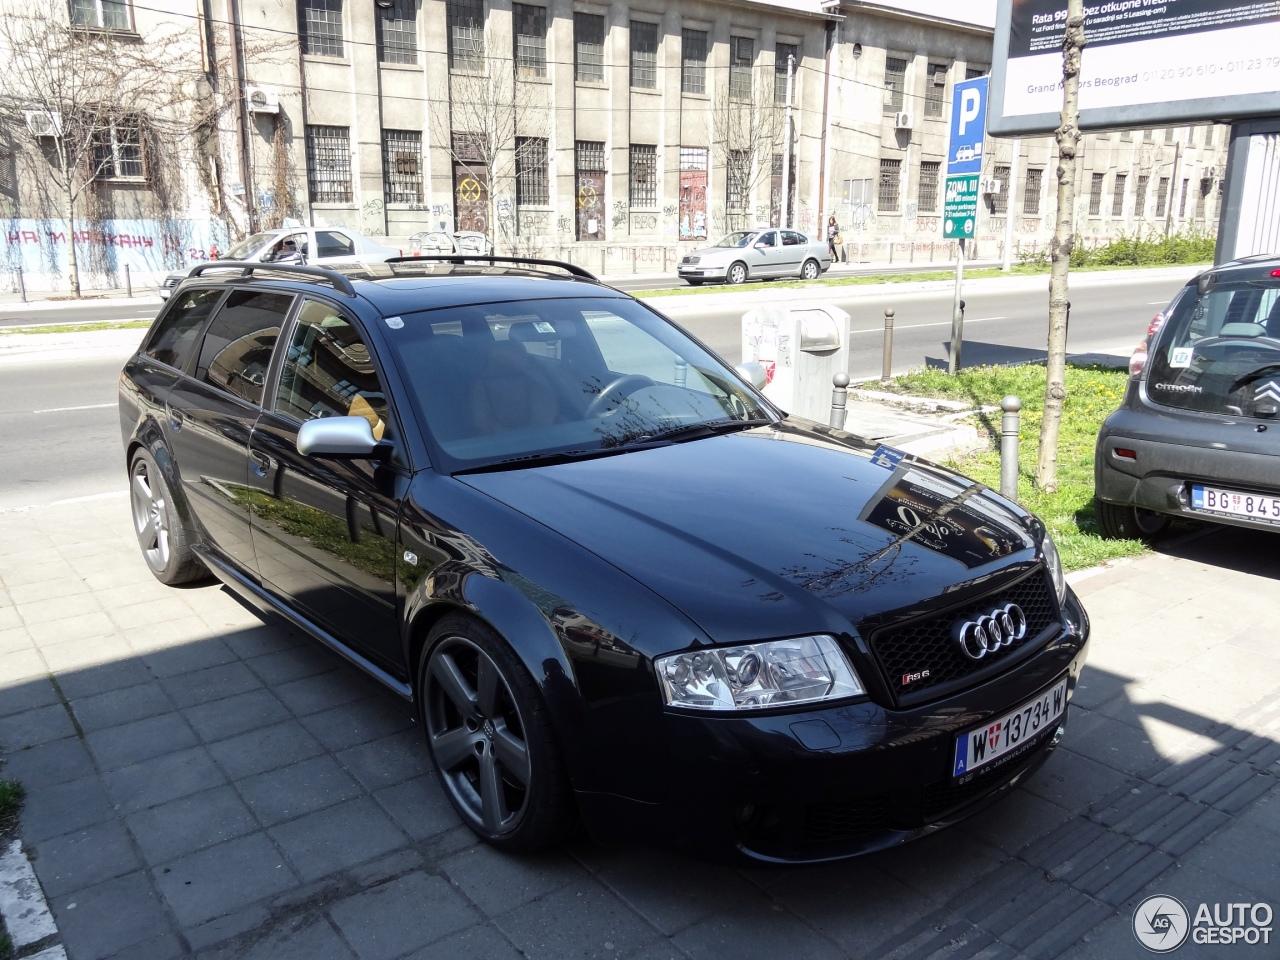 Audi RS6 Plus Avant C5 - 12 April 2015 - Autogespot